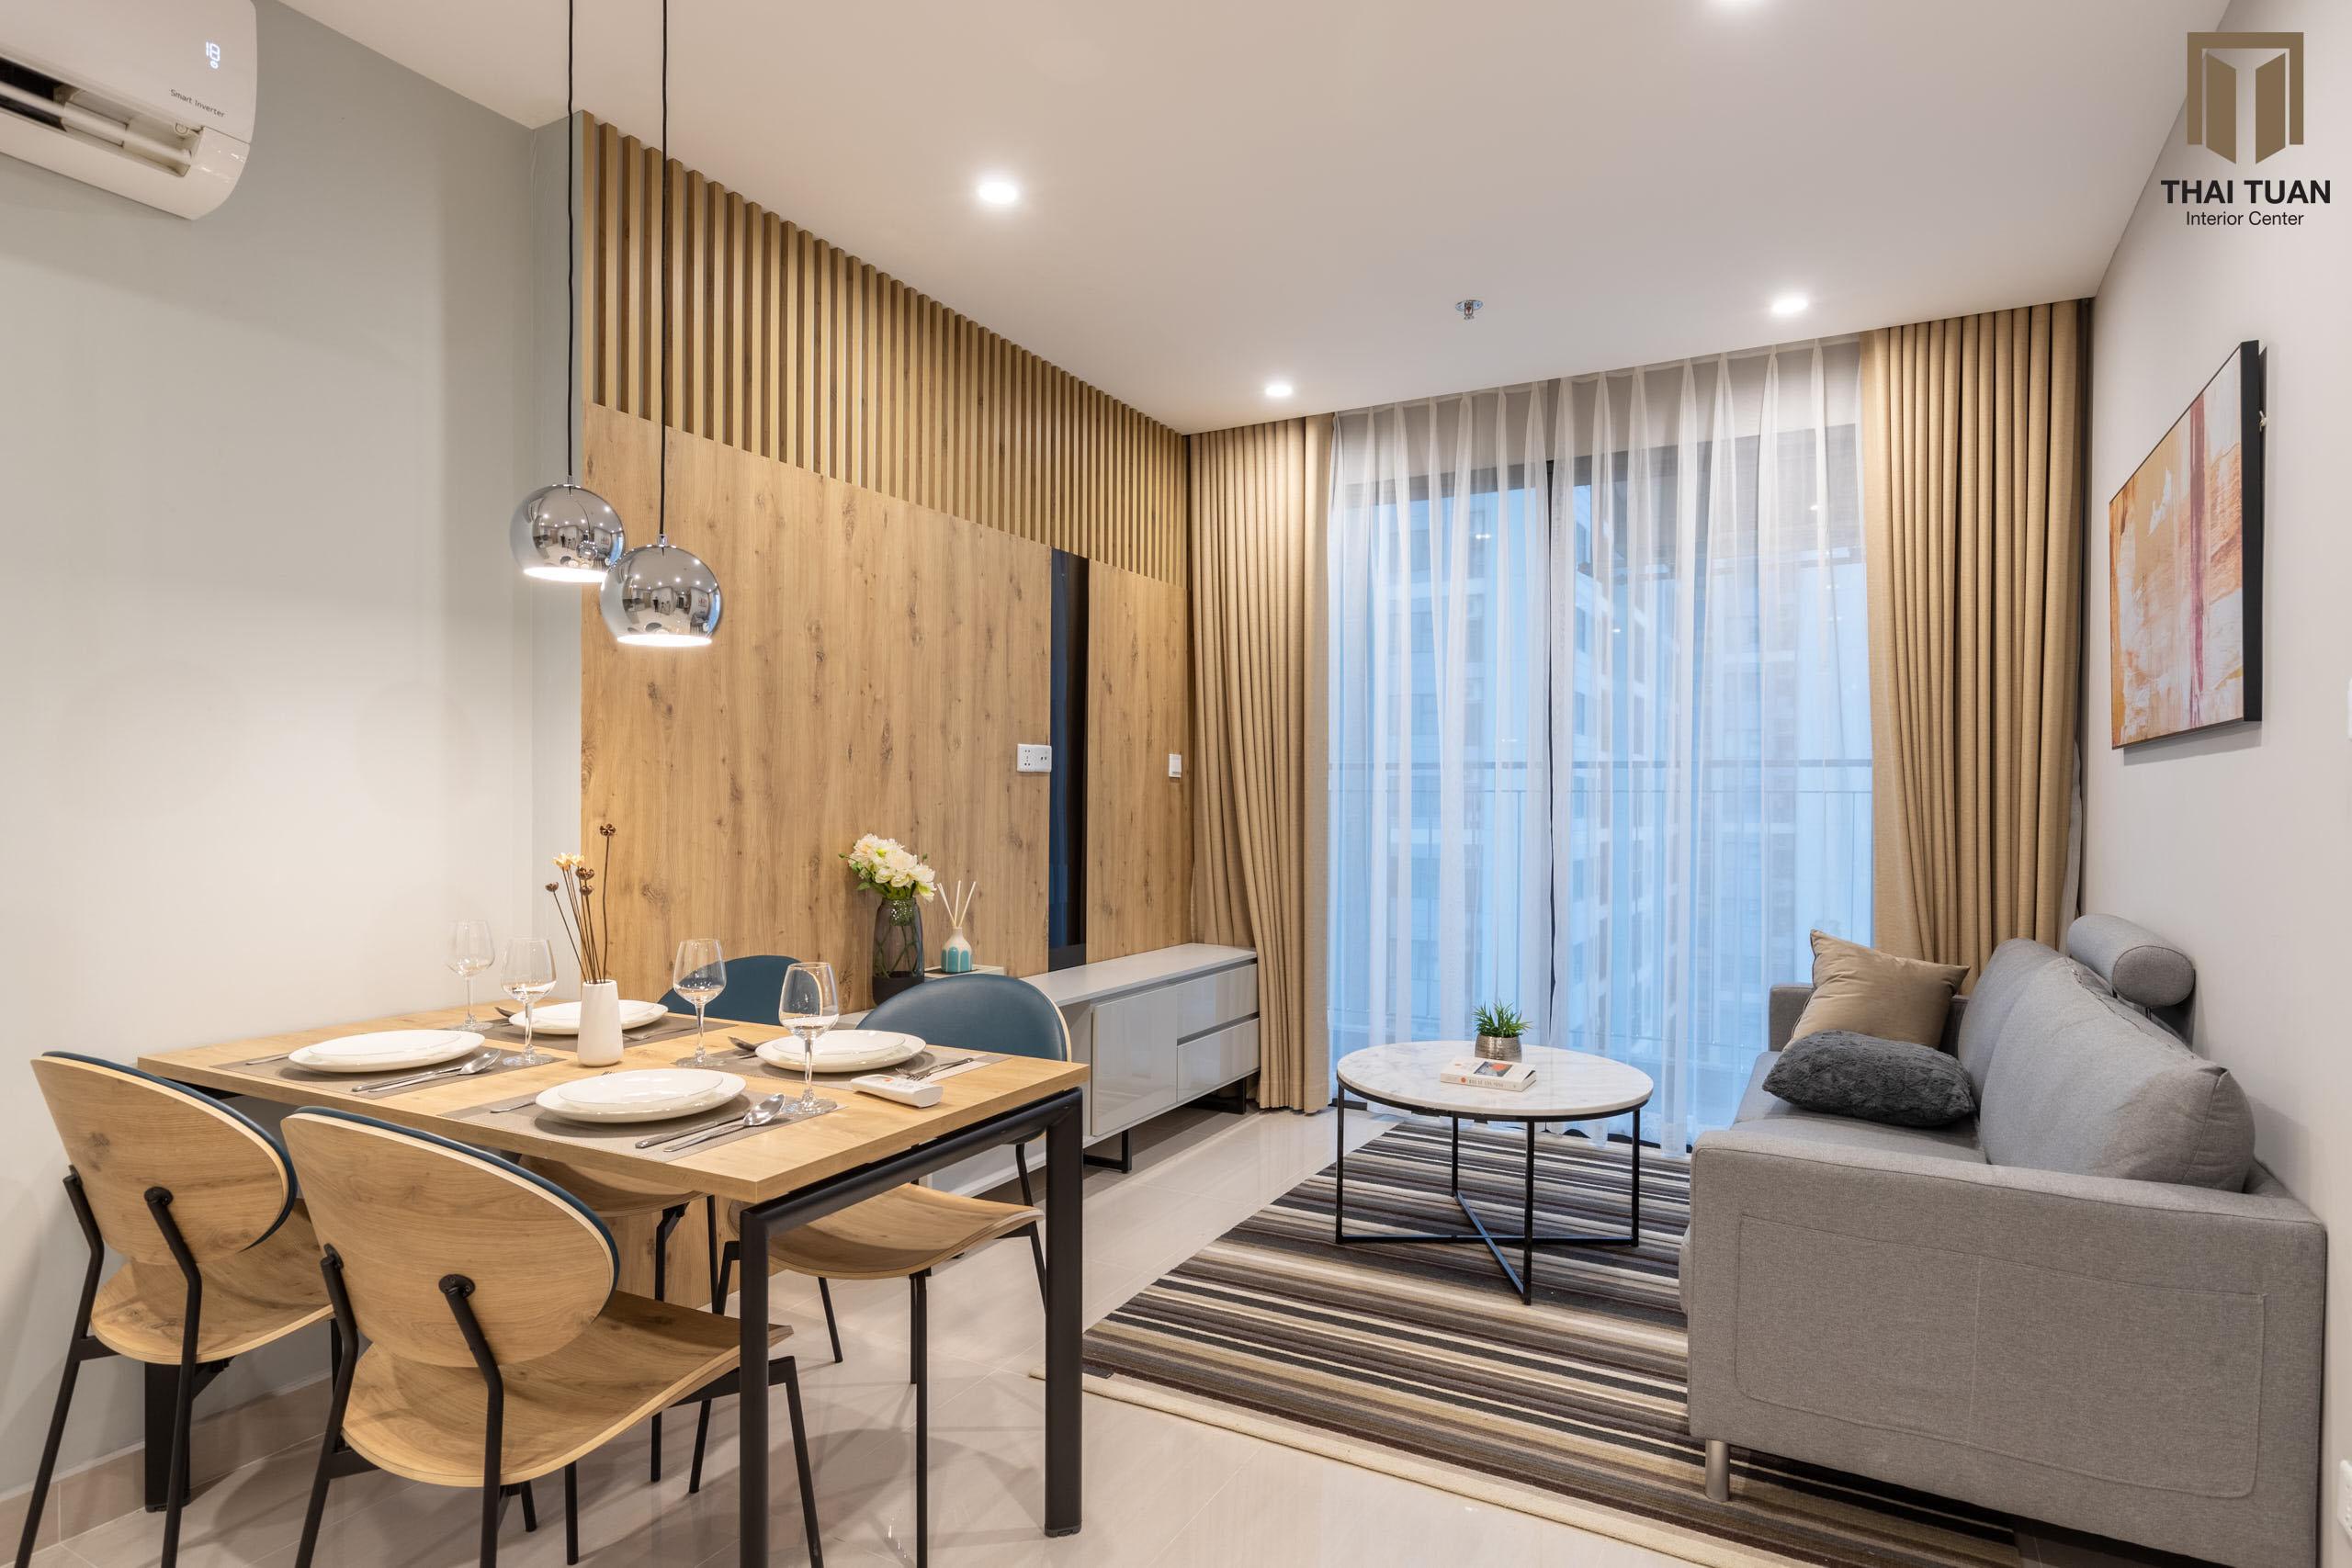 Phòng khách ăn với tone màu gỗ ấm cúng làm chủ đạo